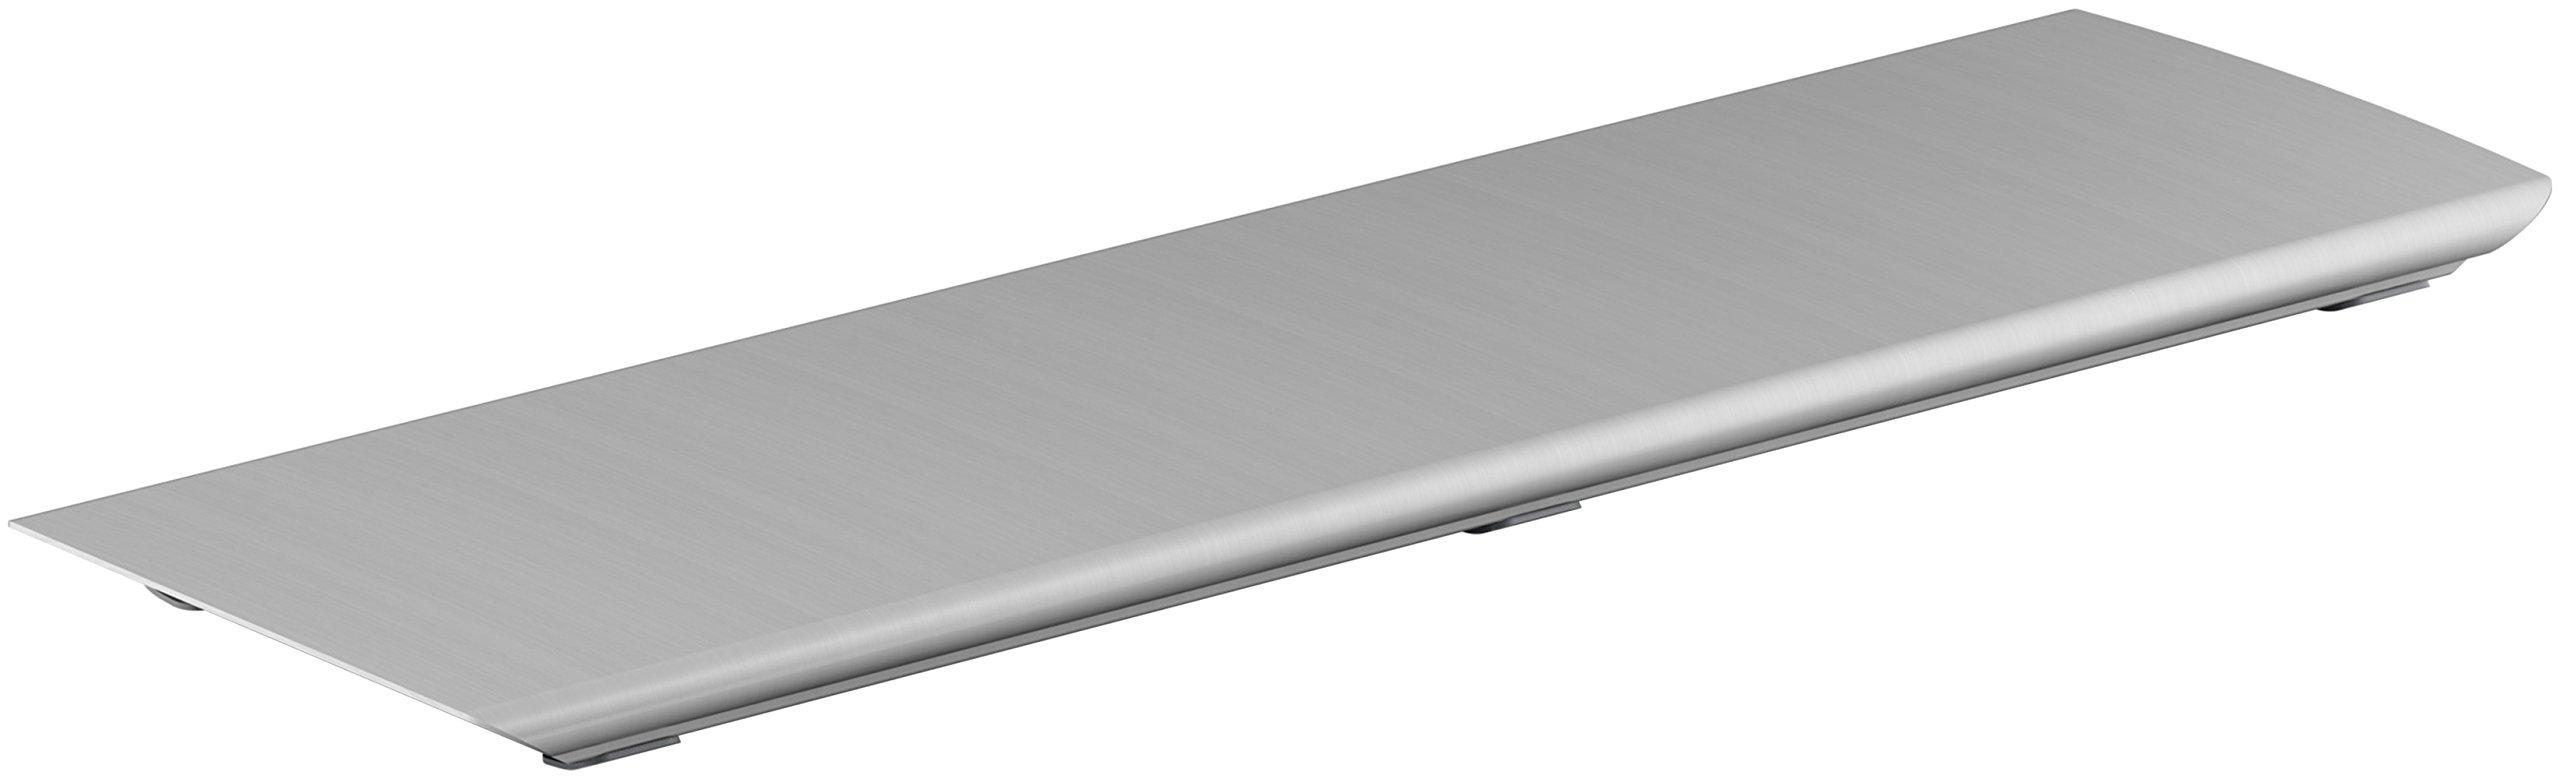 KOHLER K-9159-NX Bellwether Aluminum Cover for 60-Inch x 34-Inch Shower Base, Brushed Nickel